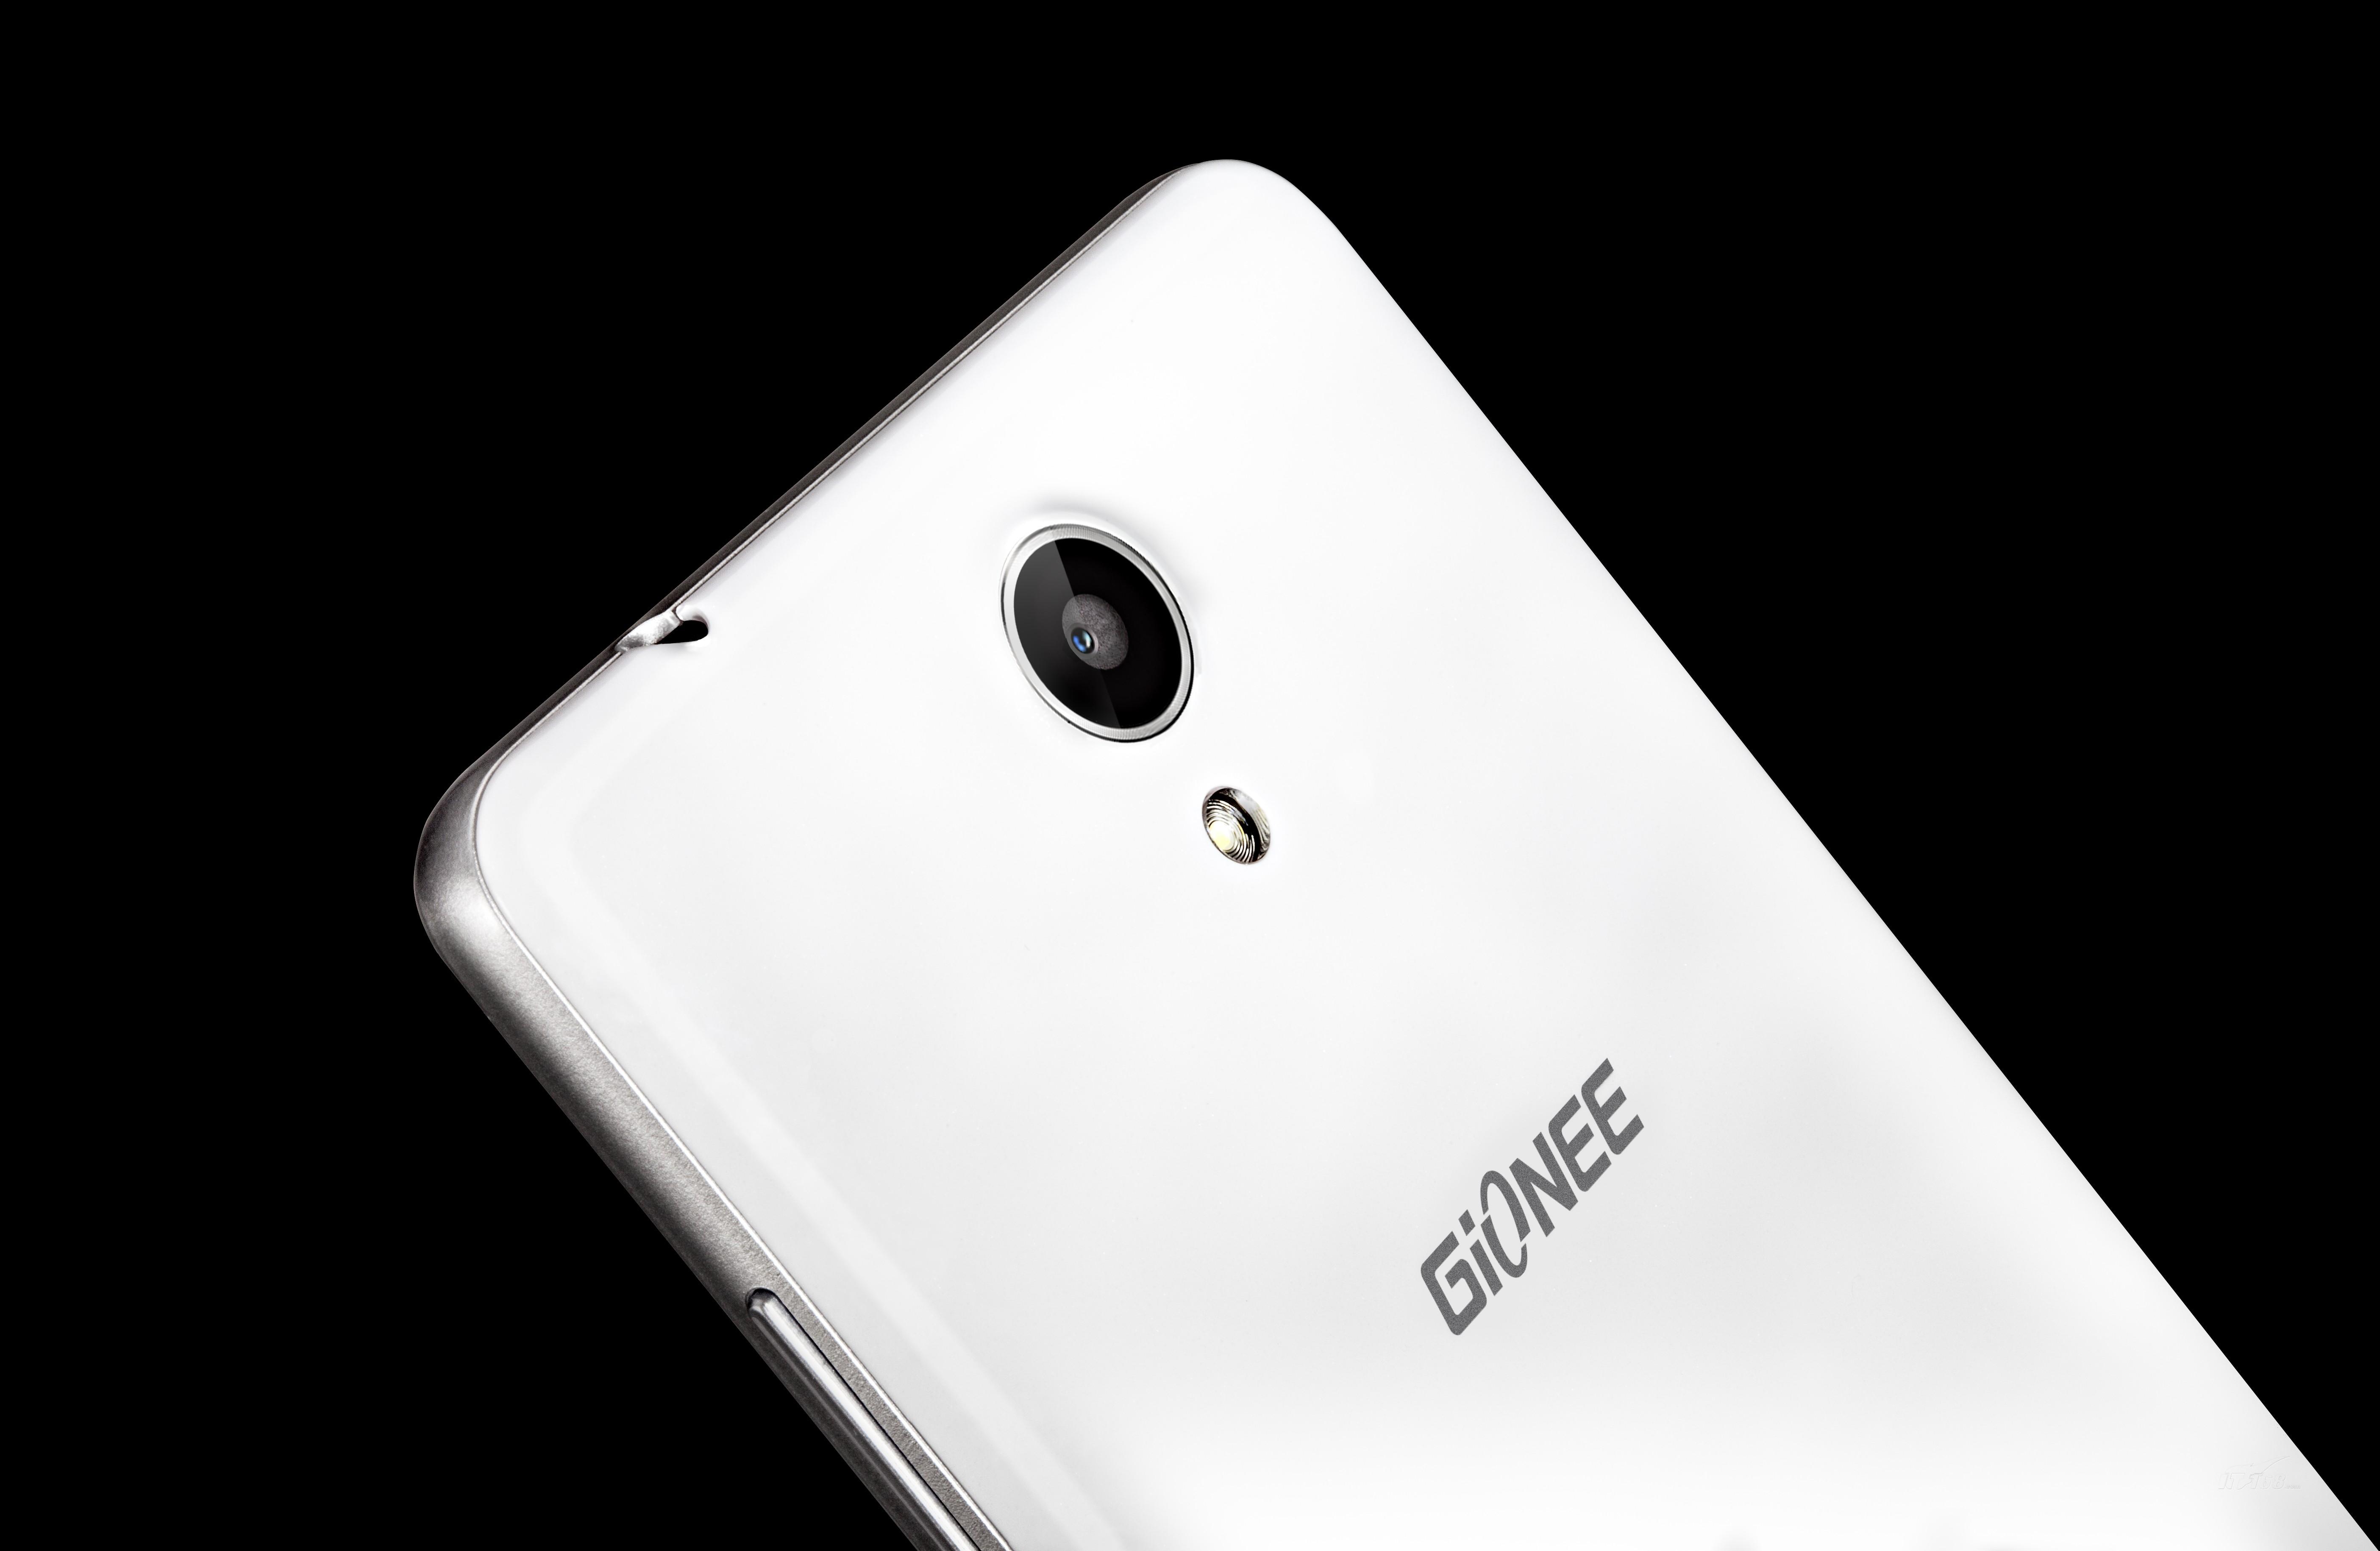 金立gn152 玉石白 移动4g手机产品图片26素材-it168